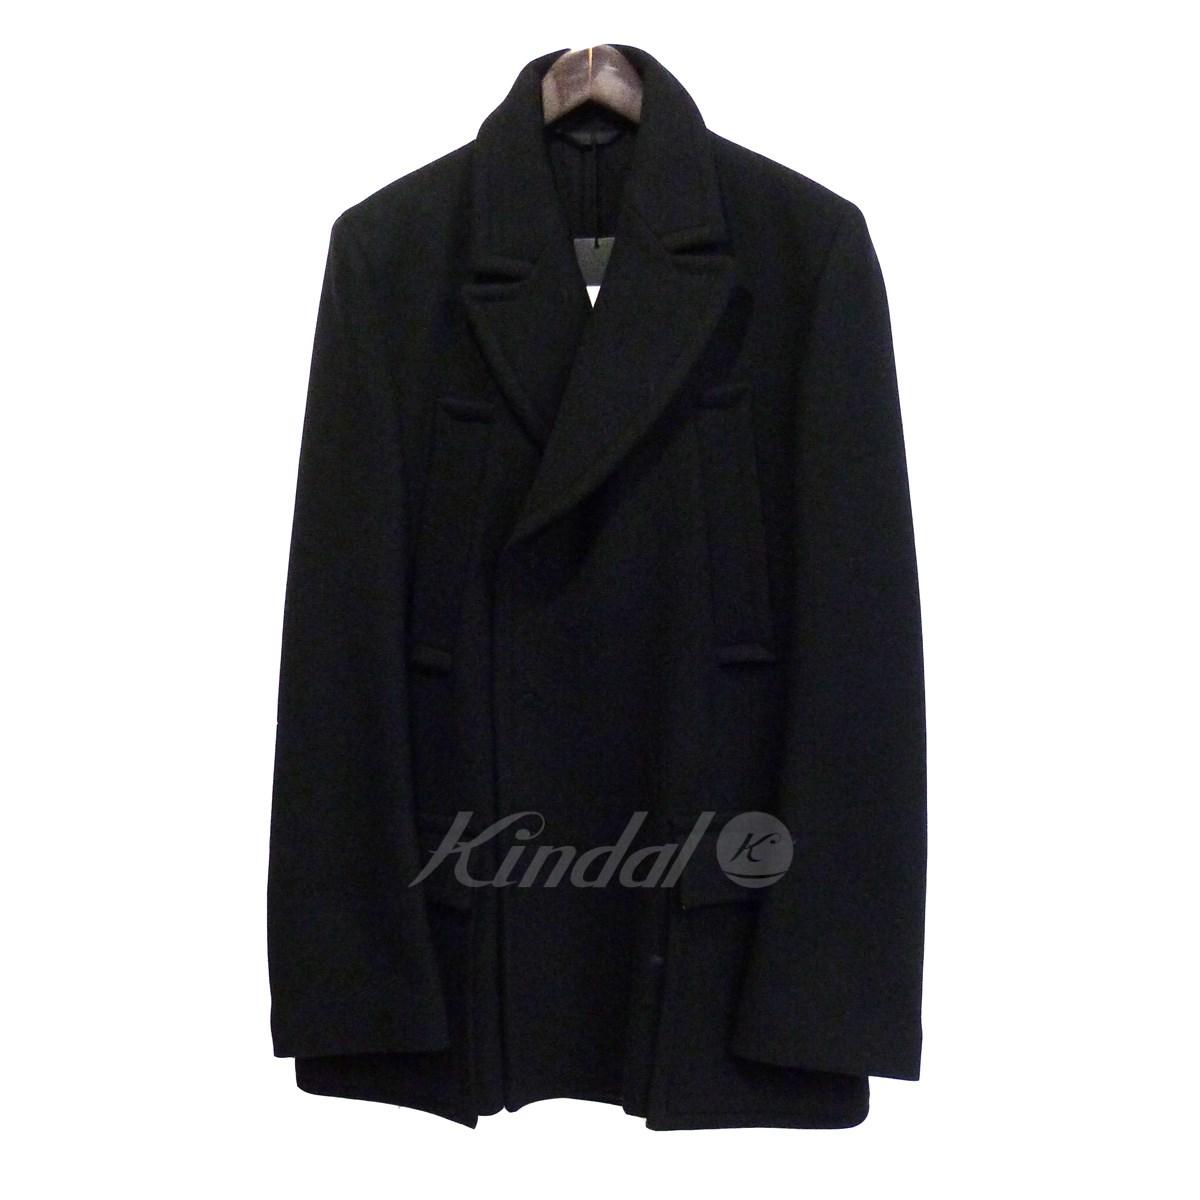 【中古】ANN DEMEULEMEESTER ウールコート ブラック サイズ:XS 【送料無料】 【231018】(アンドゥムルメステール)